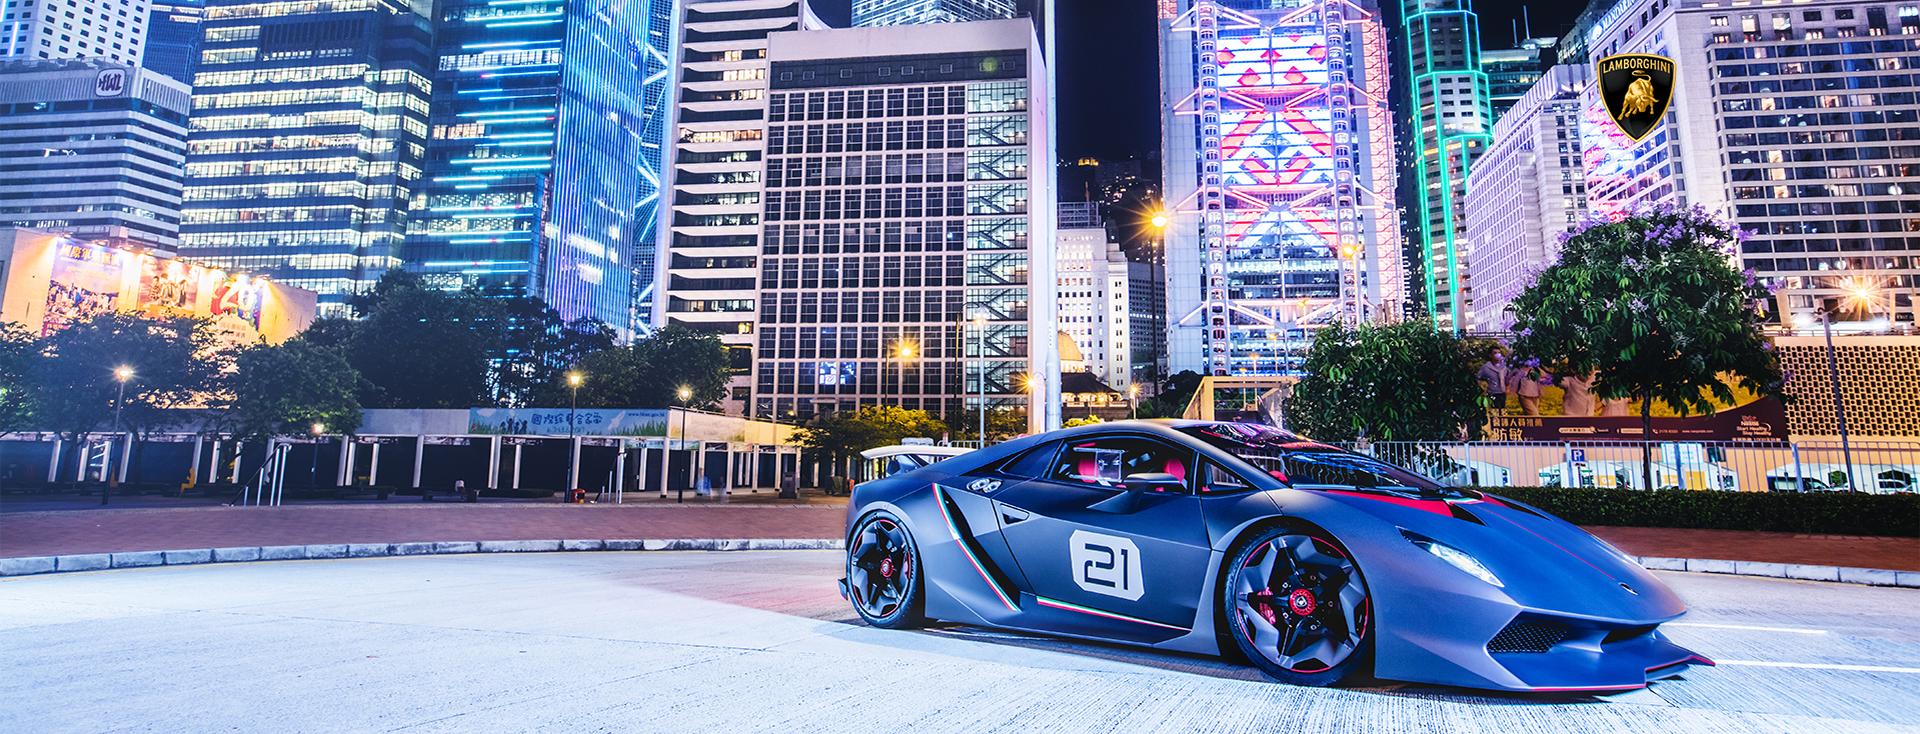 Lamborghini Kingsway